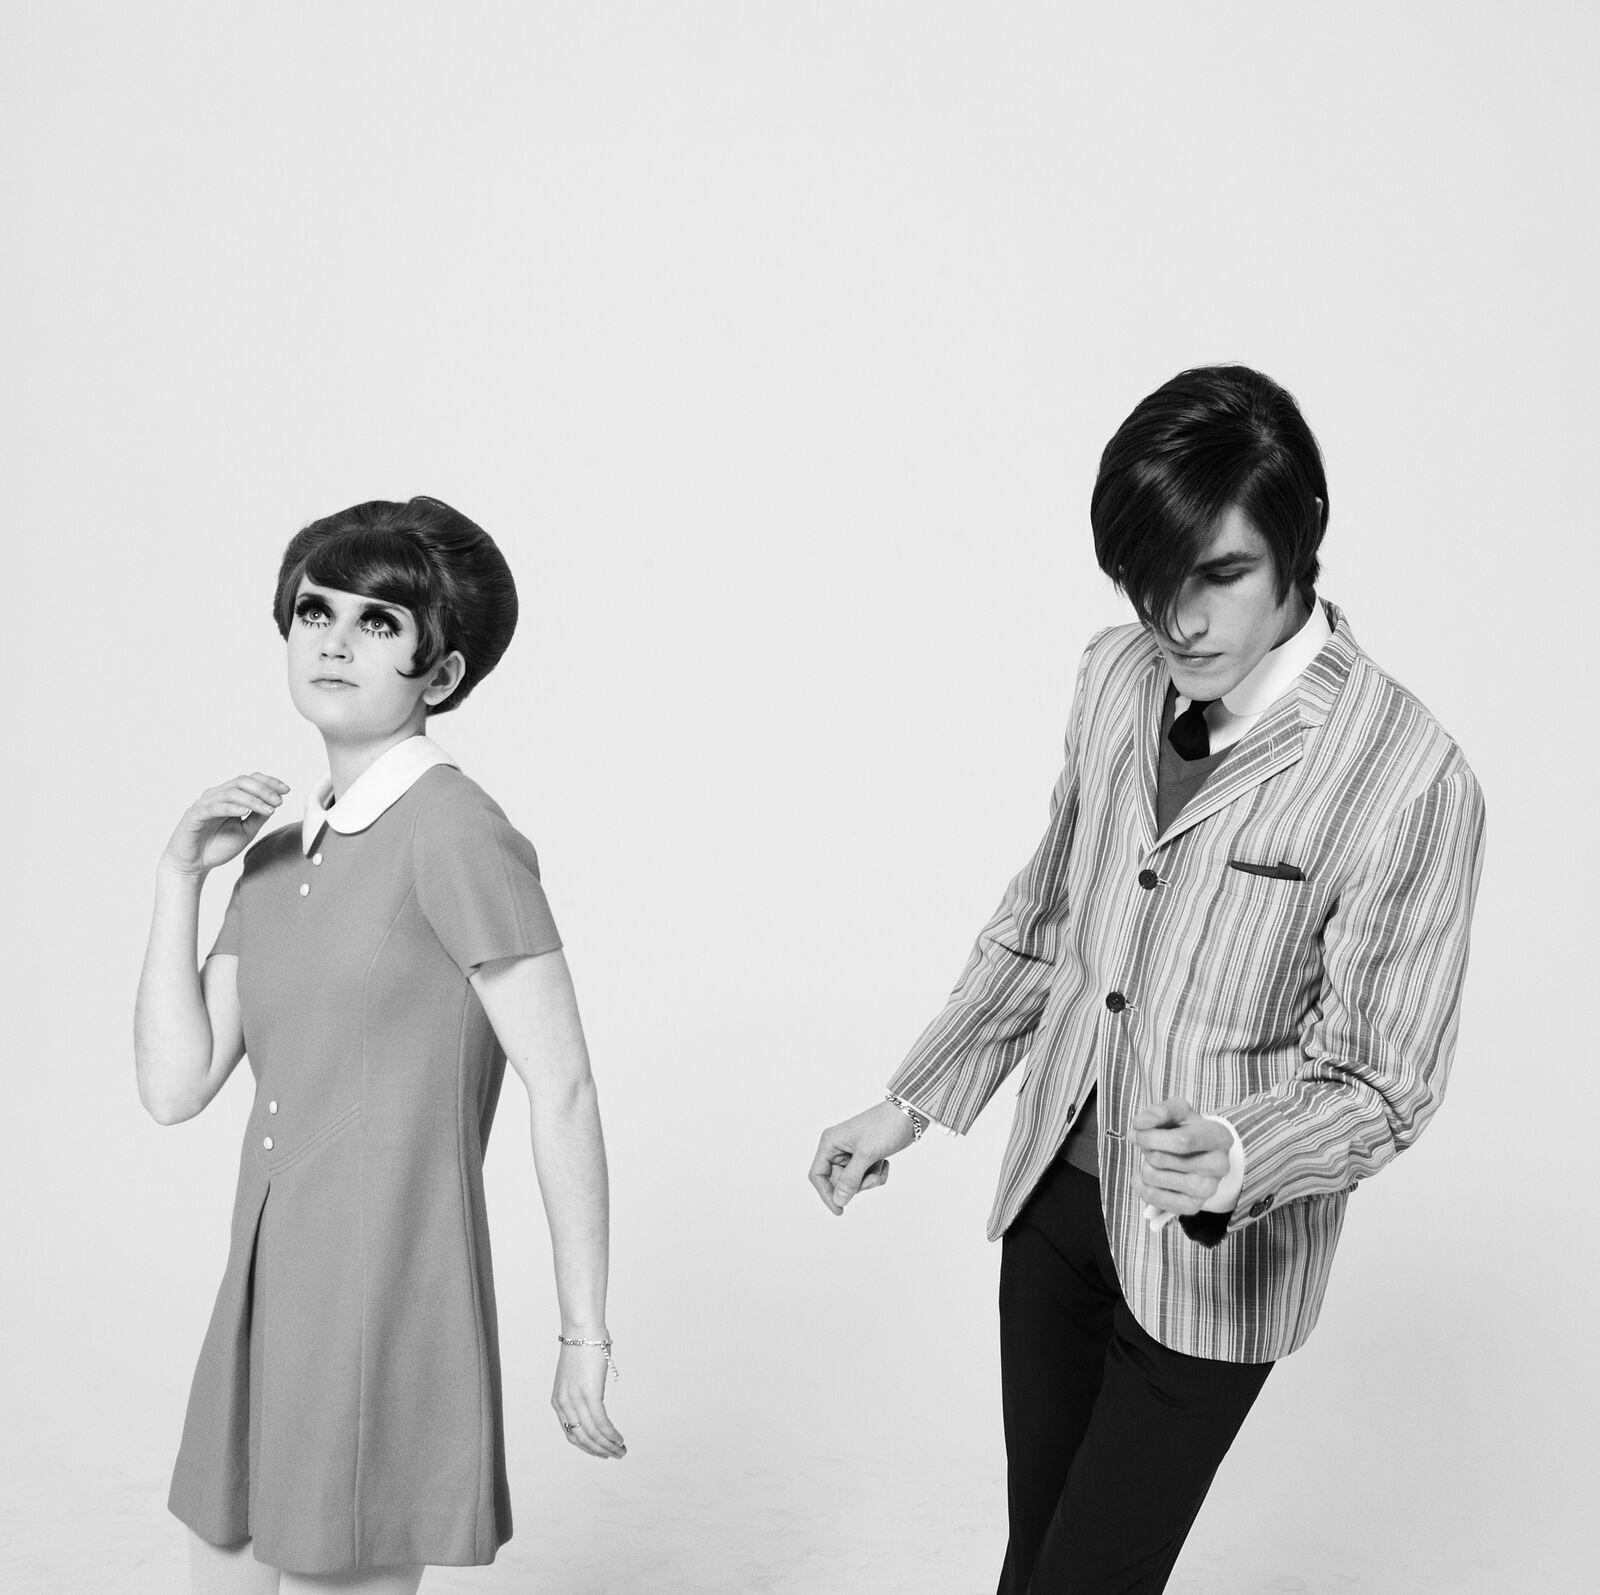 Imogen & Robert #1